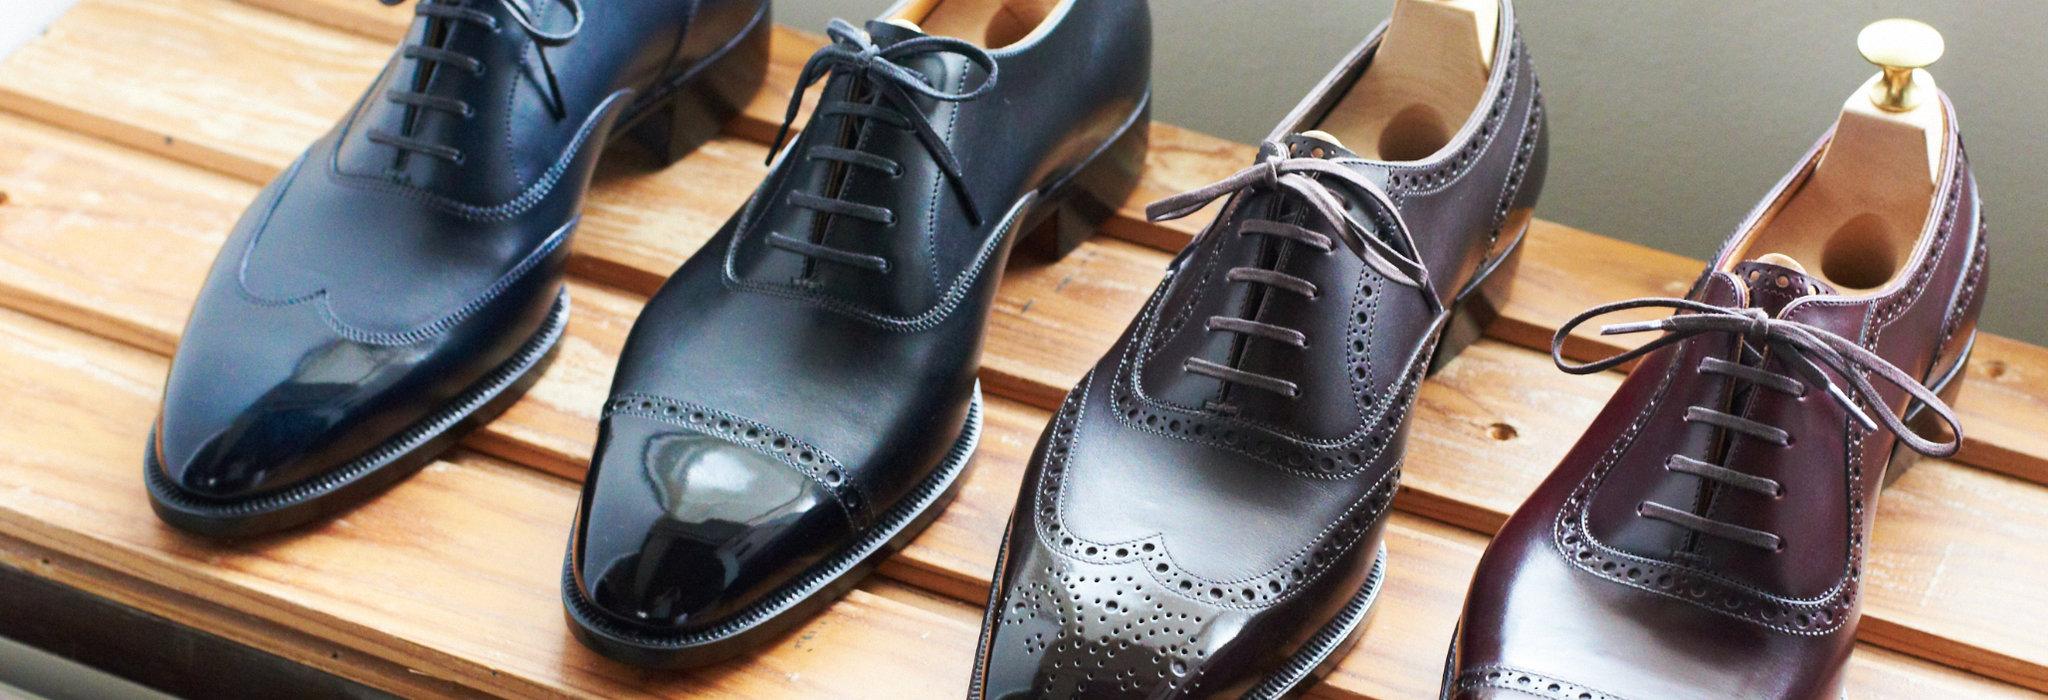 WFGマエストロサロンから新しい靴が生まれる。ビスポーク職人、セイジ・マッカーシーの日々進化する靴作りとは。_image